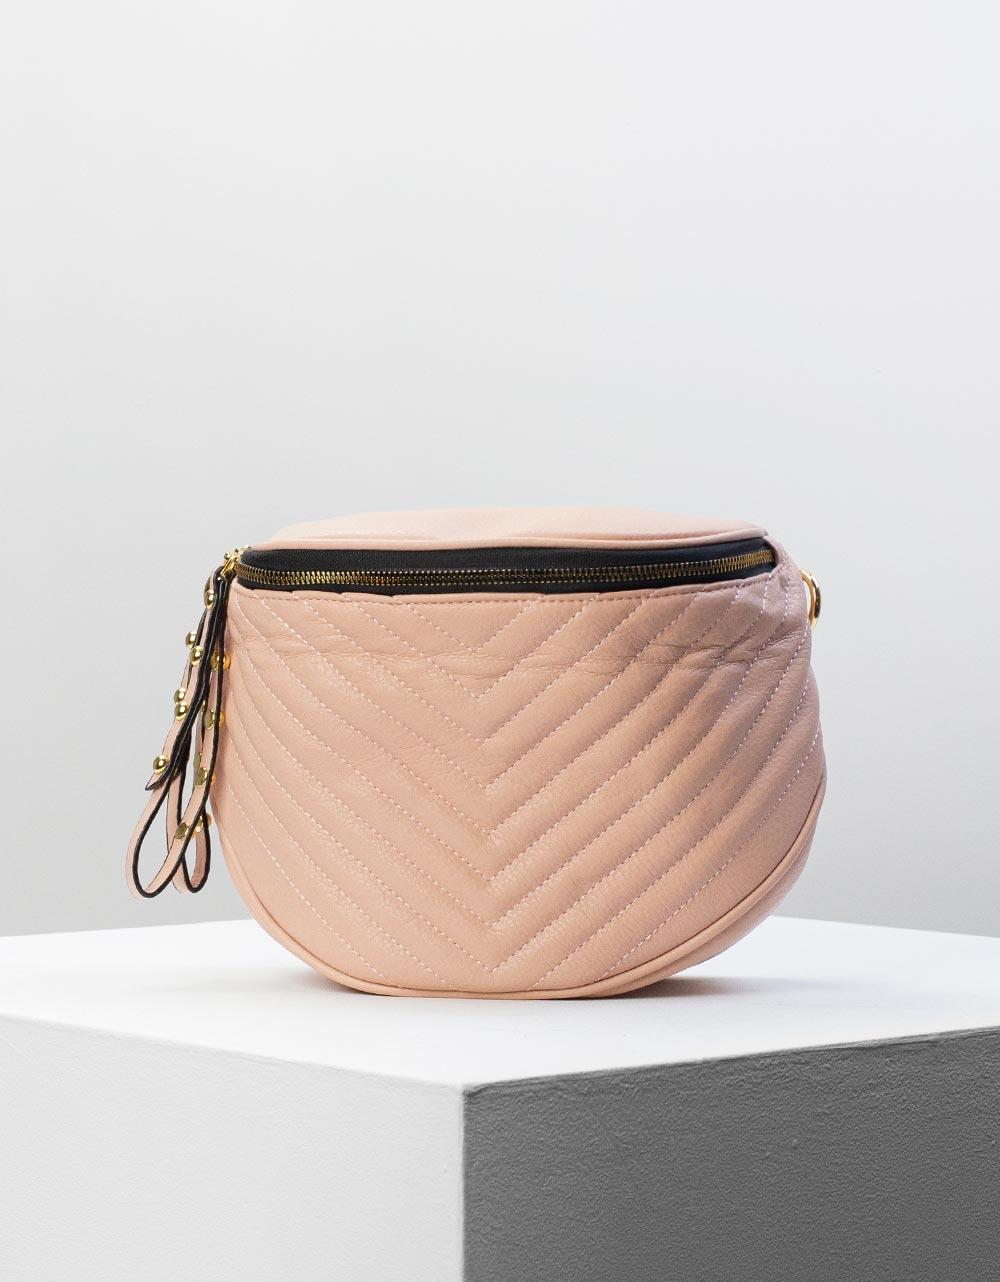 Εικόνα από Γυναικεία τσάντα ώμου & χιαστί με ανάγλυφο σχέδιο Ροζ